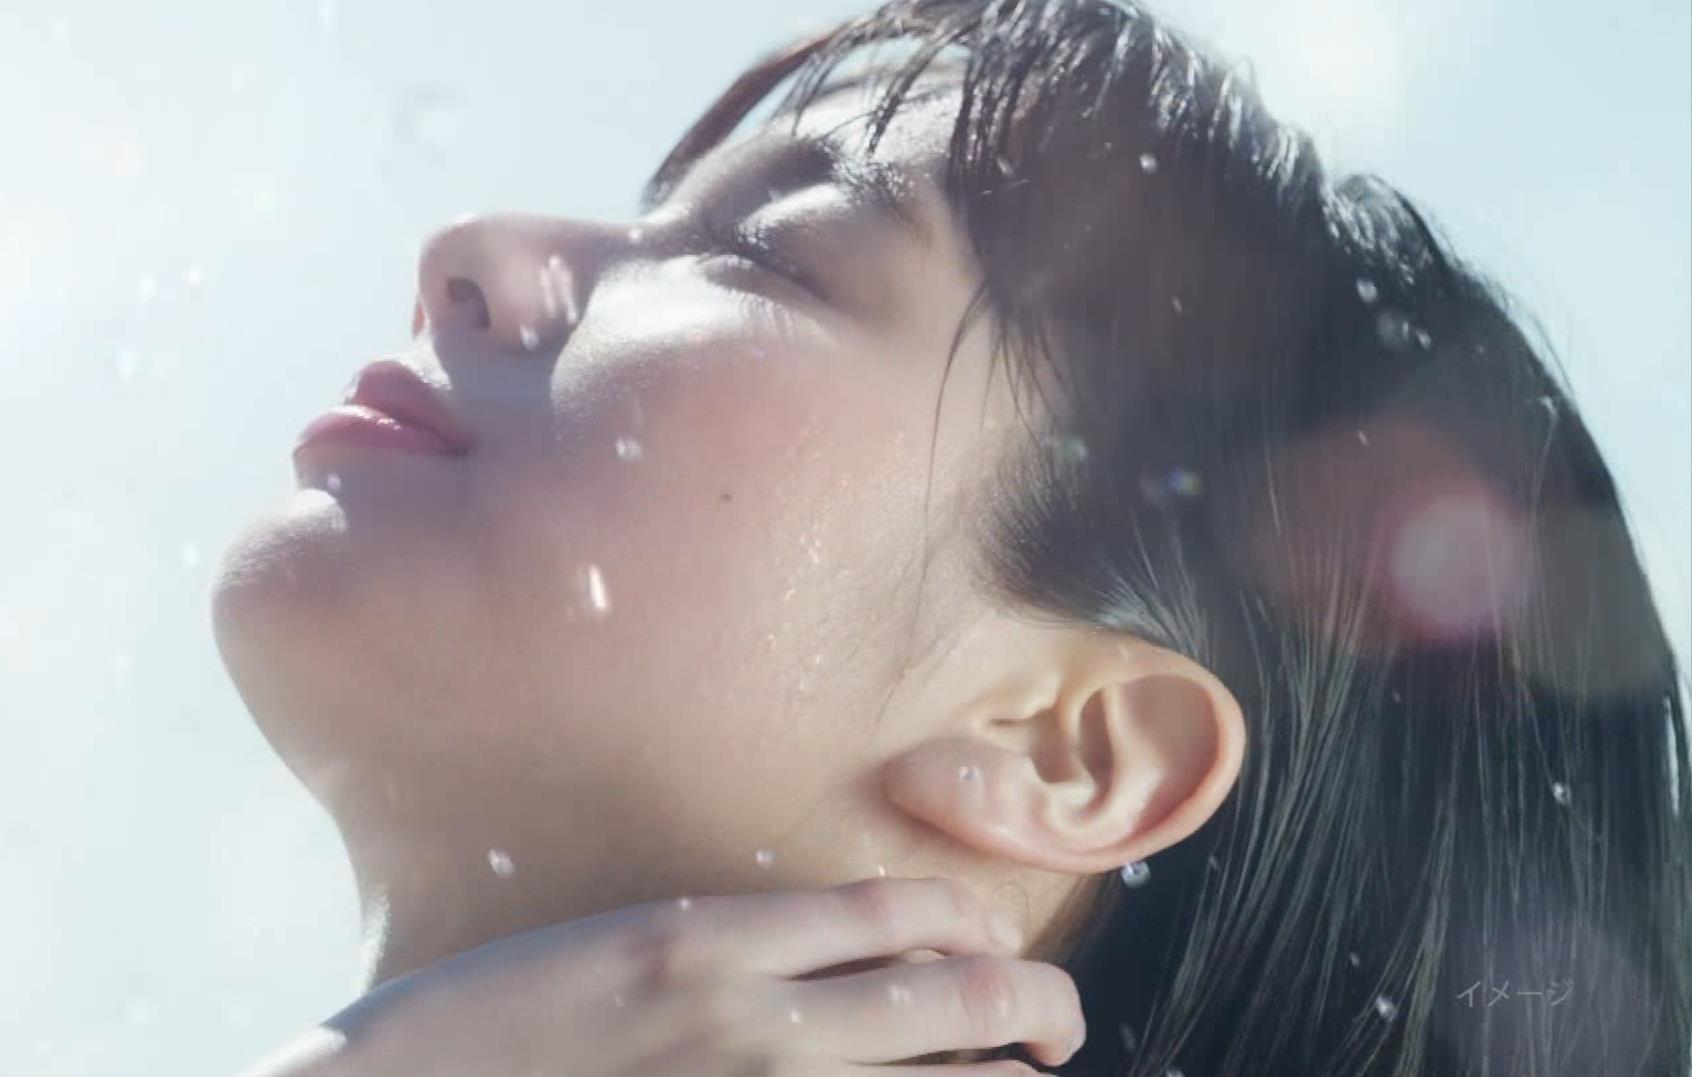 新川優愛 日焼け止めのCMの水着姿がエロいキャプ・エロ画像8